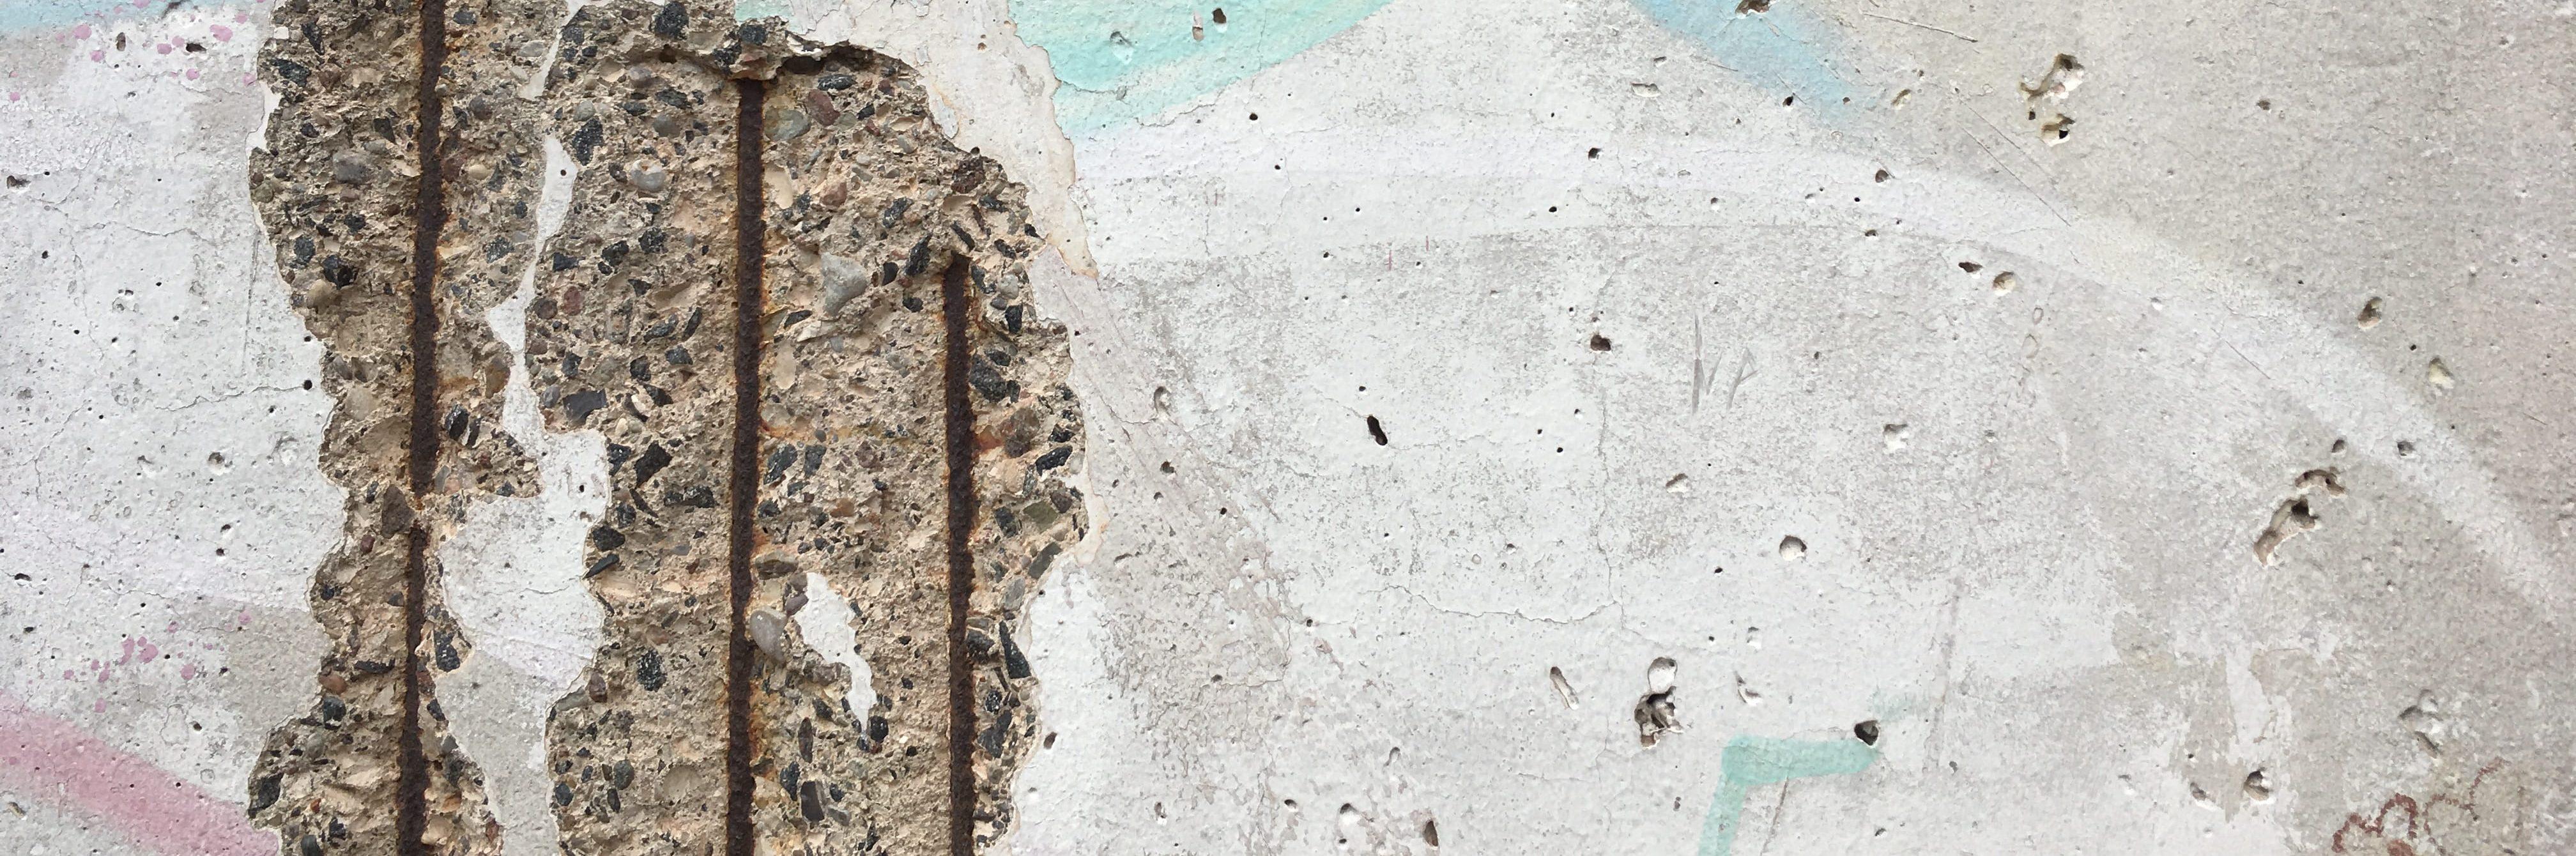 El trabajo de mi padre es un relato escrito por Miguel Rodríguez Echeandía sobre la niñez cerca del Muro de Berlín.